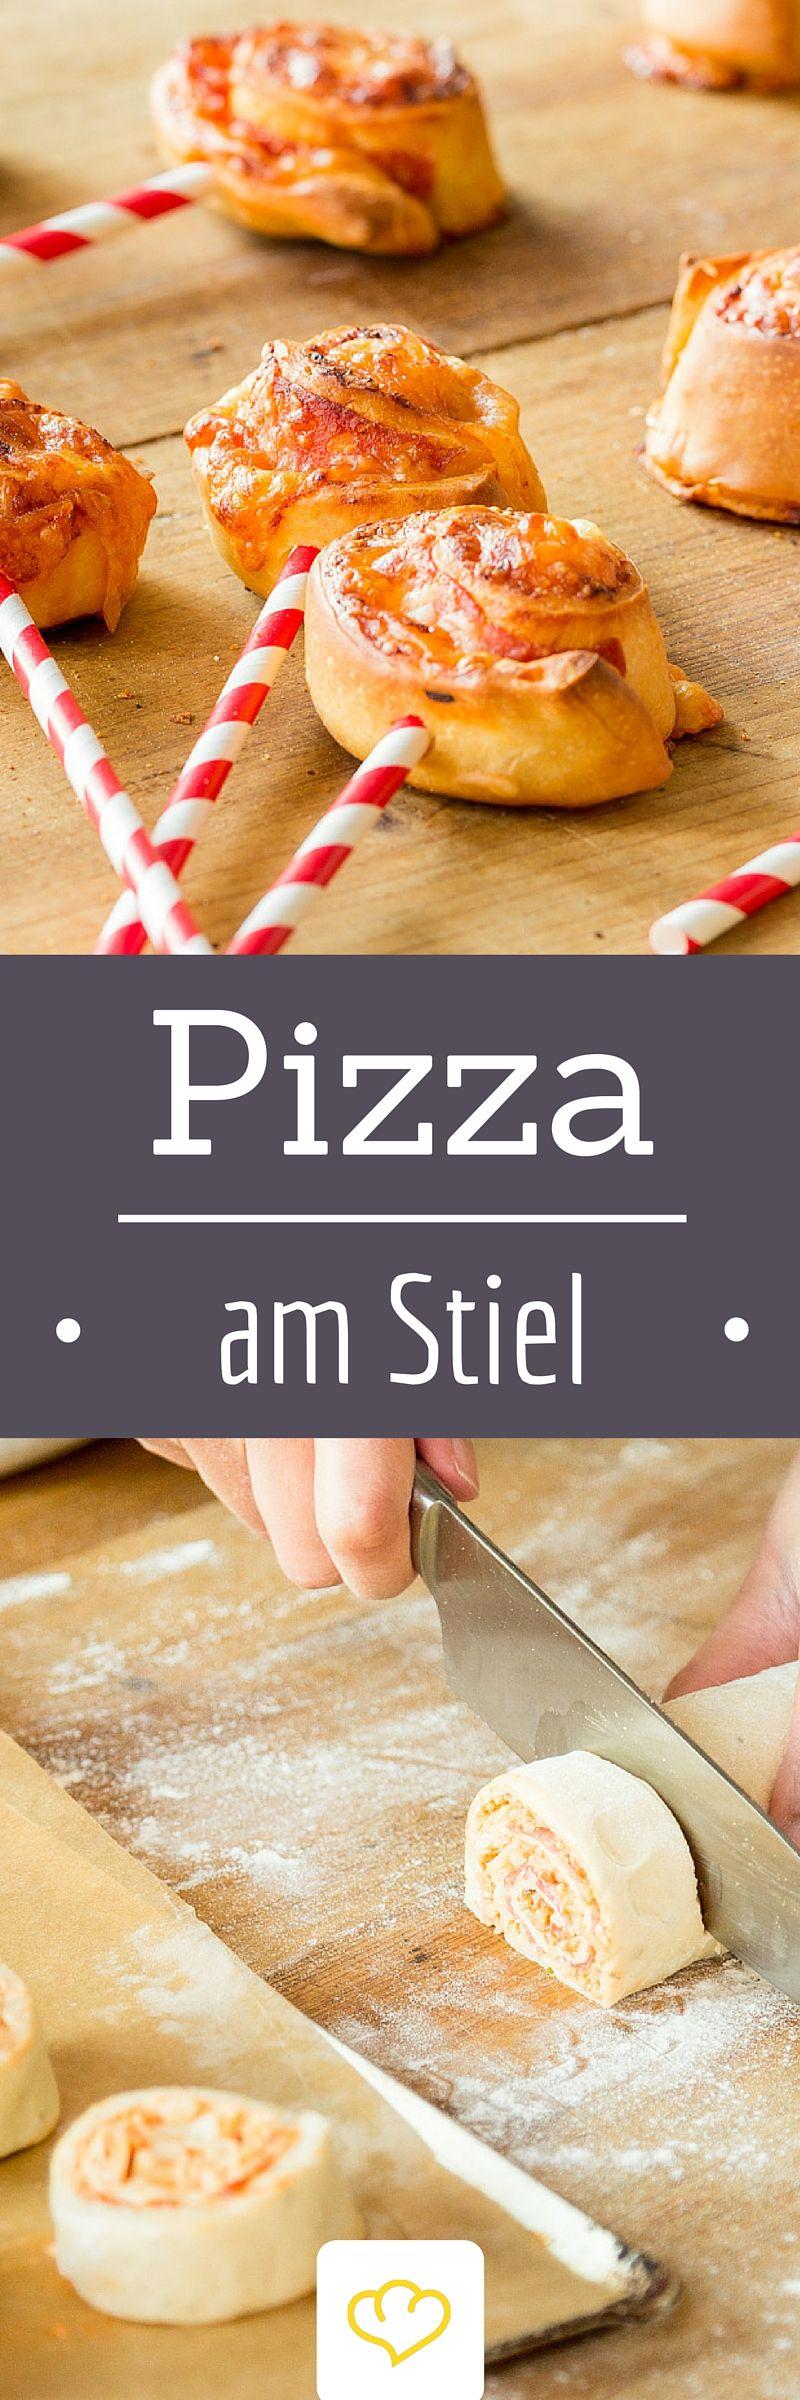 So Hast Du Pizza Noch Nicht Gesehen Knusprige Pizzasticks Rezept